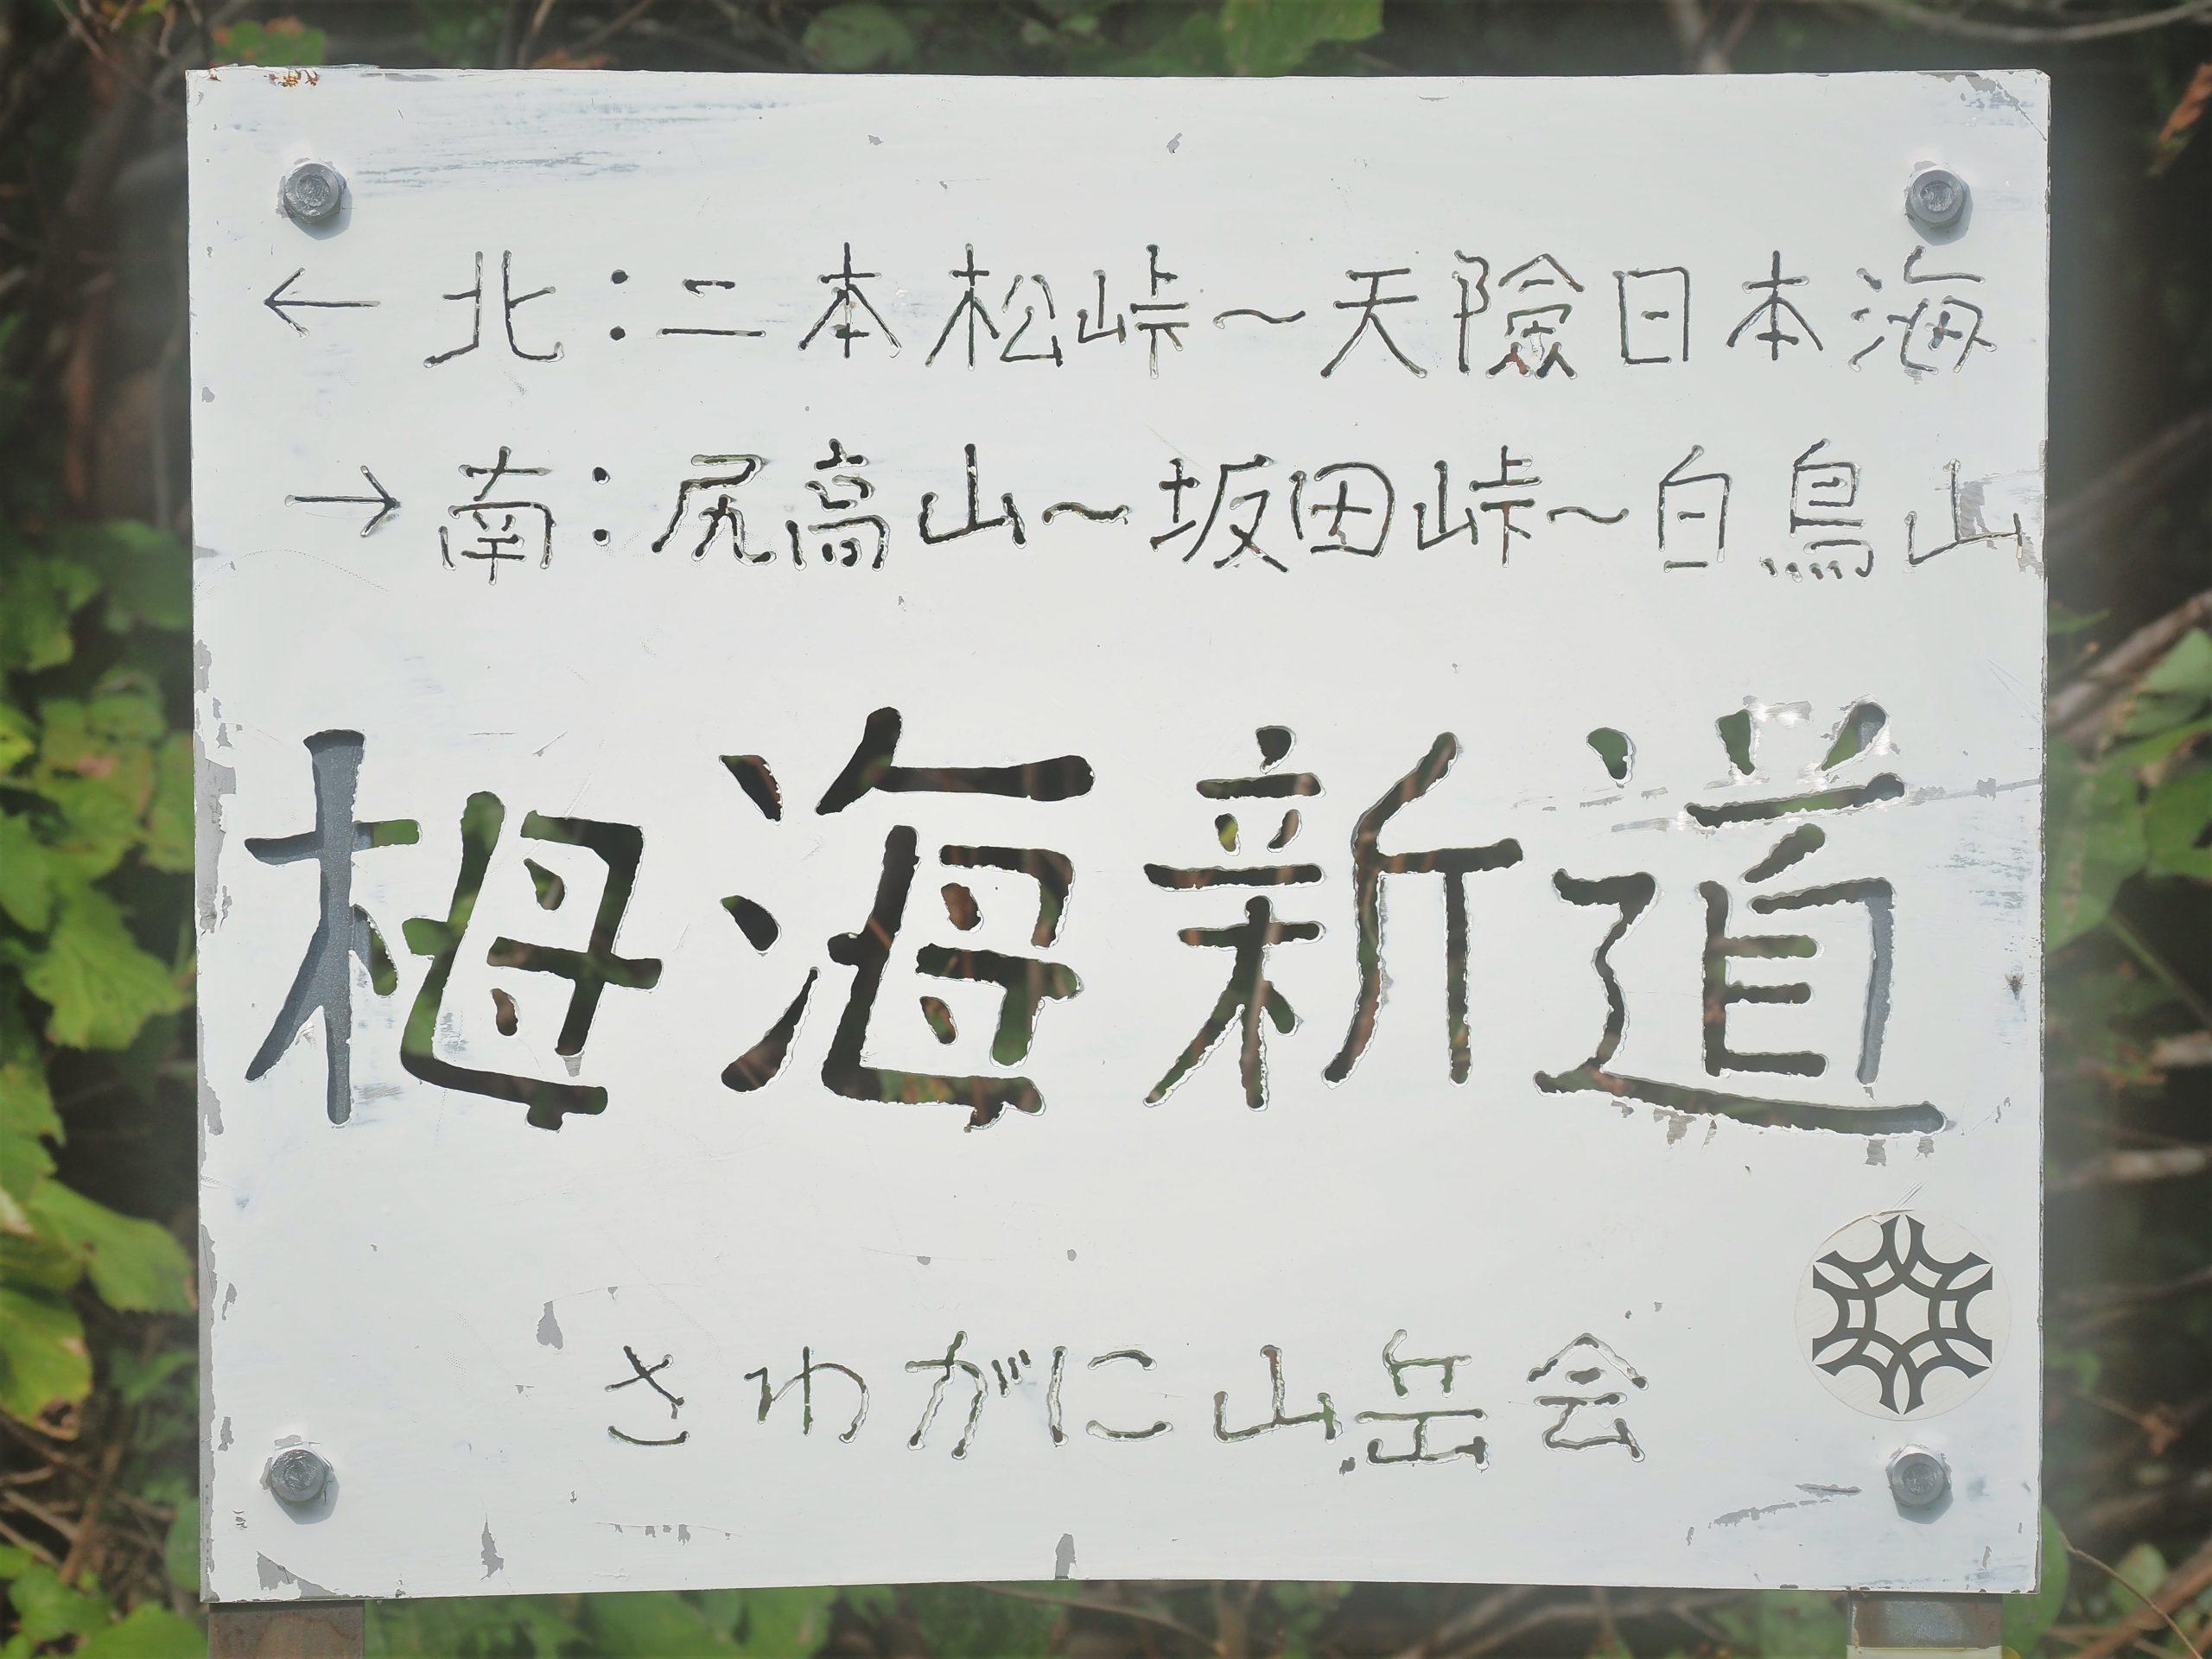 北アルプス 栂海新道